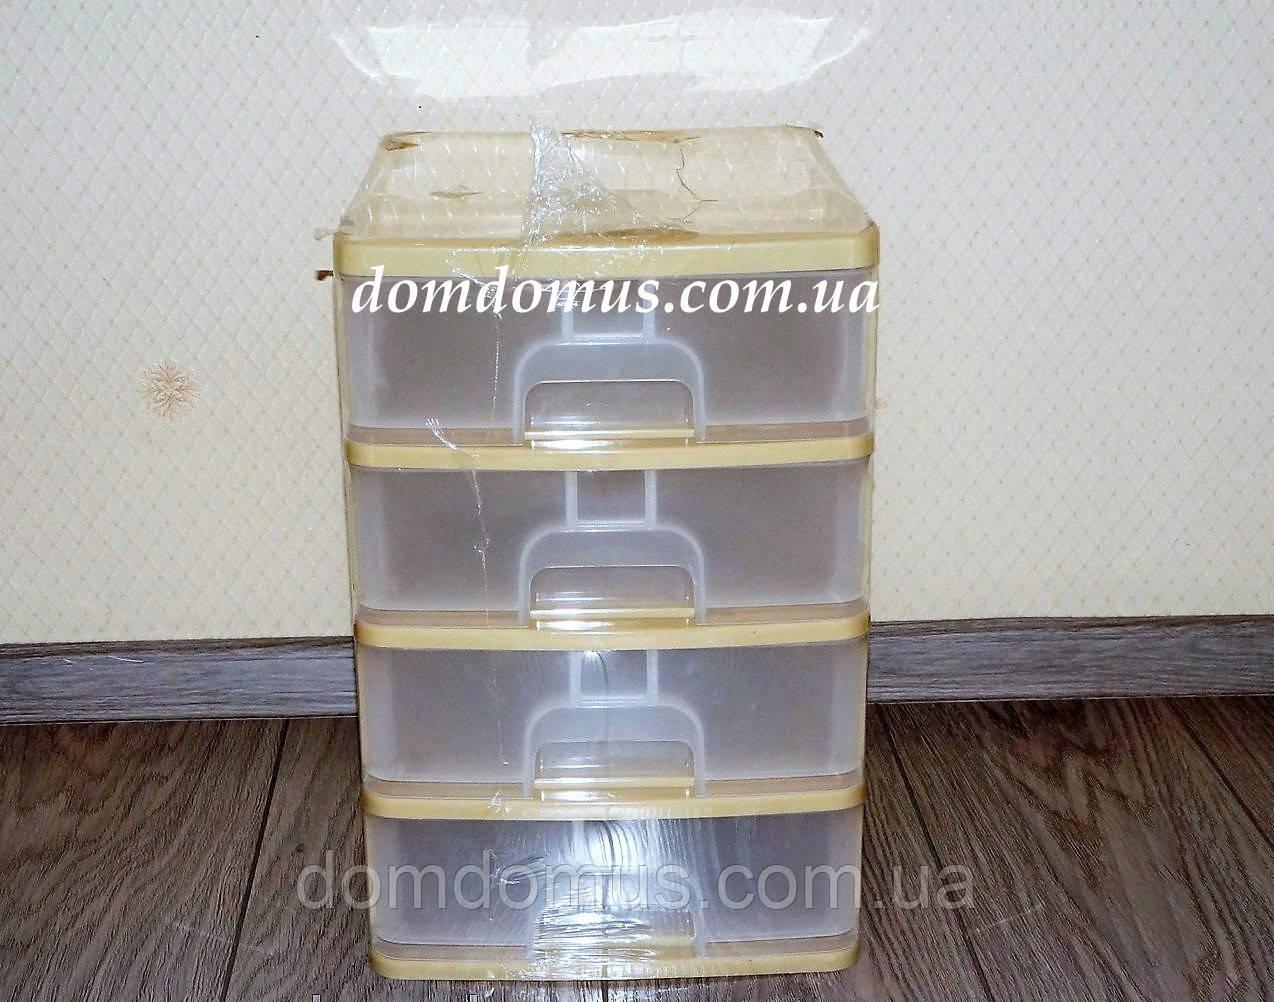 Мини комод настольный пластиковый 4 ящика (24*35), Украина